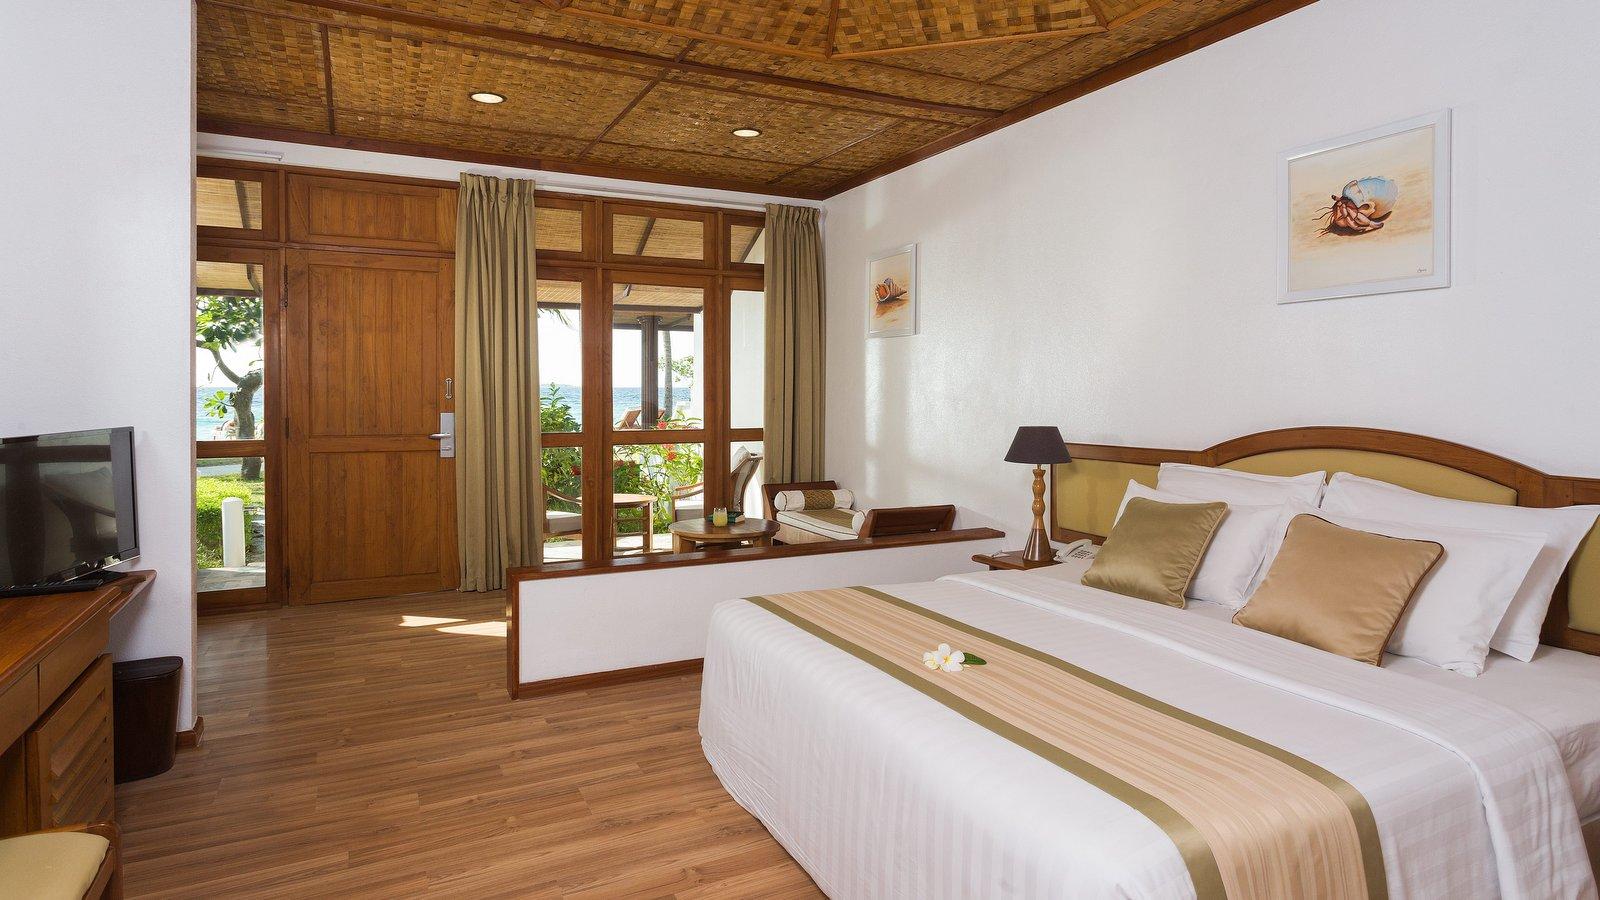 Мальдивы, отель Bandos Maldives, номер Standard Room